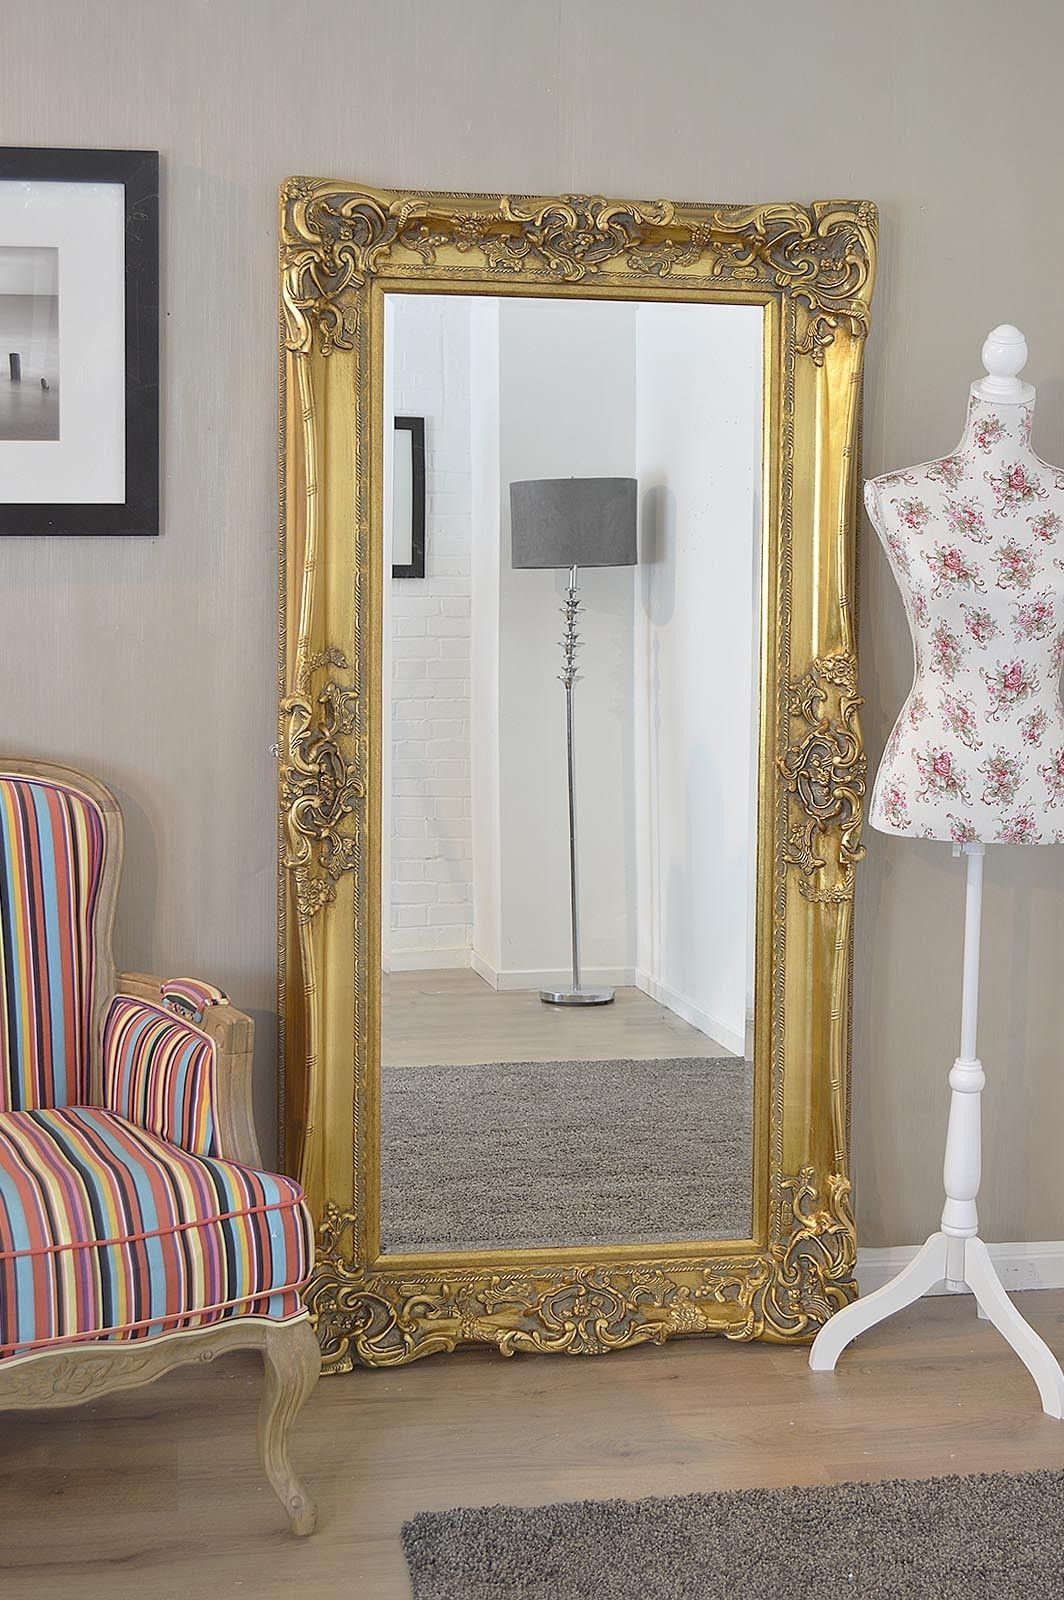 Salon-spiegel-designs  besten ideen antik stab spiegel groß  spiegel  pinterest